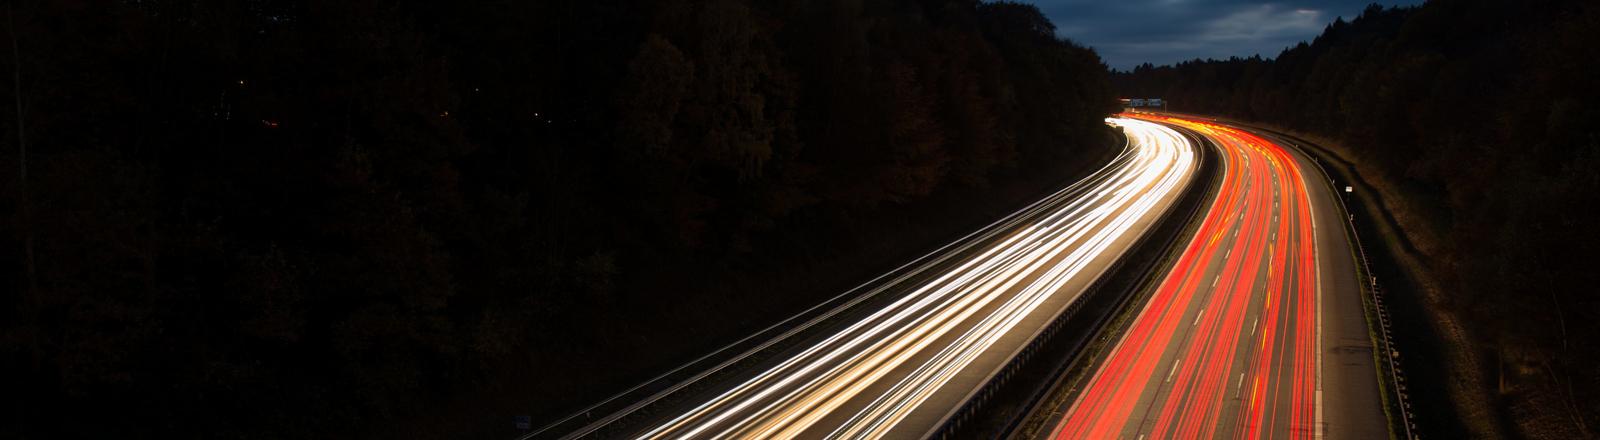 Fahrzeuge fahren am 07.11.2016 in Hamburg über die Autobahn 7.